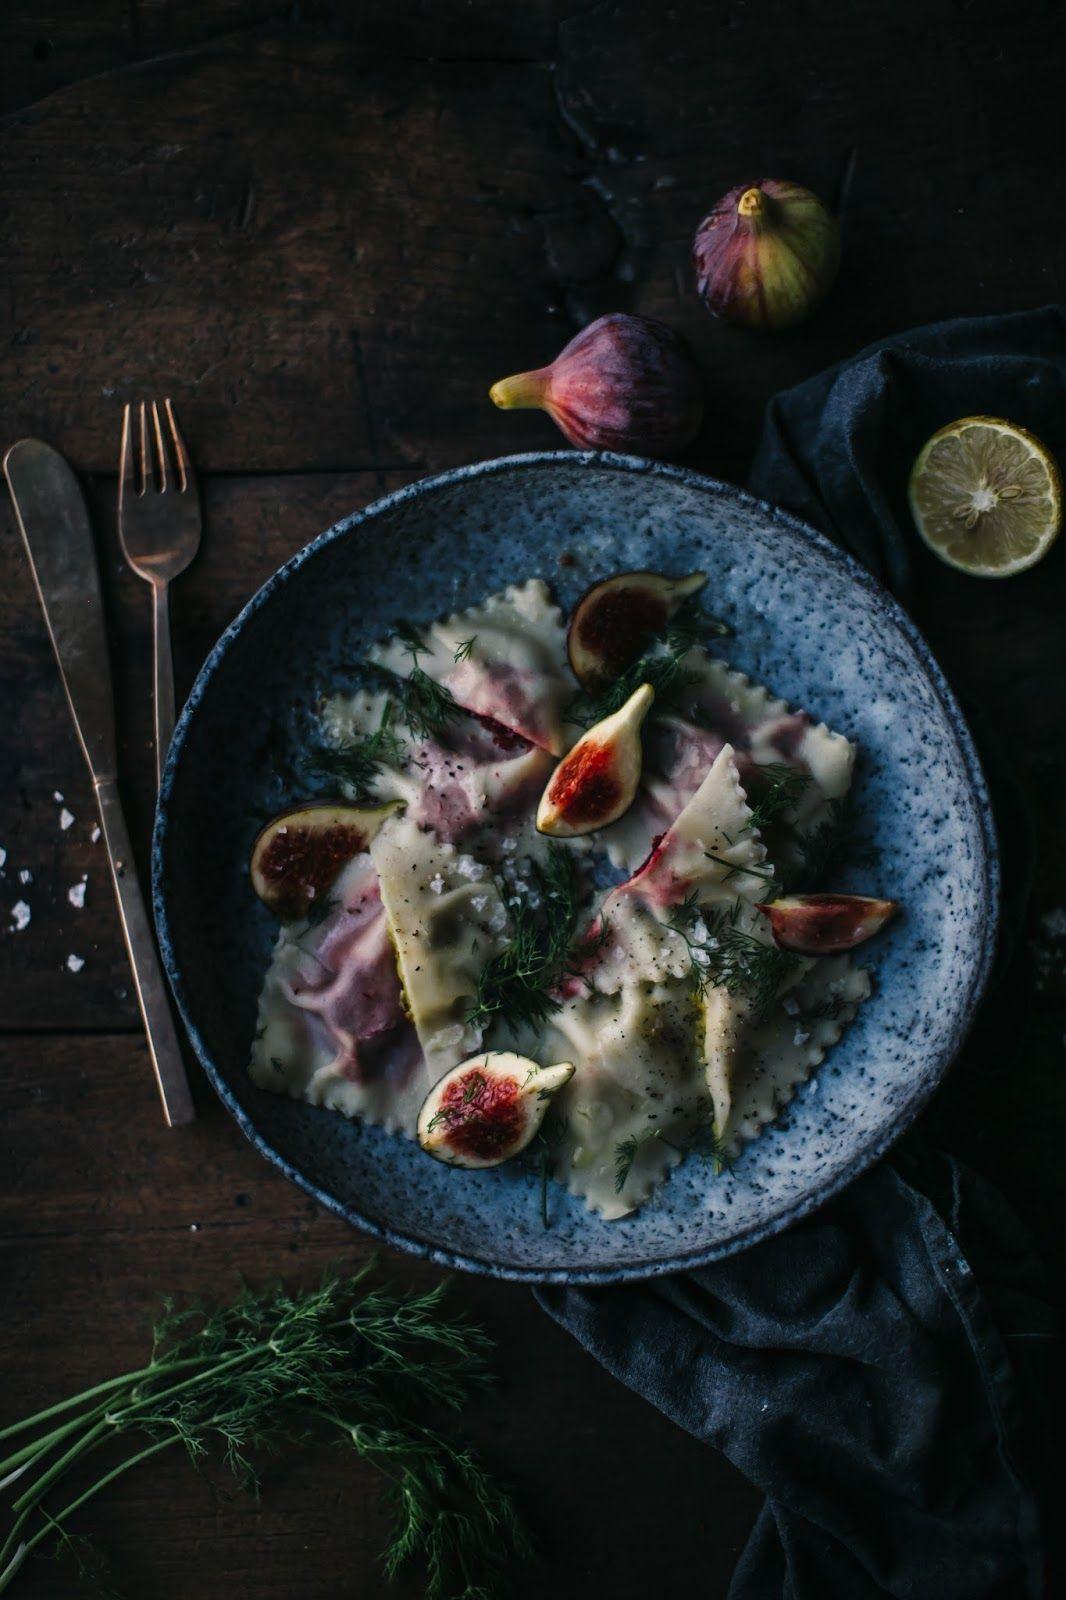 unsere Nahrung Geschichten: glutenfreie Ravioli gefüllt mit roten und gelben Rote Bete und leckeren Käse aus Kaltbach